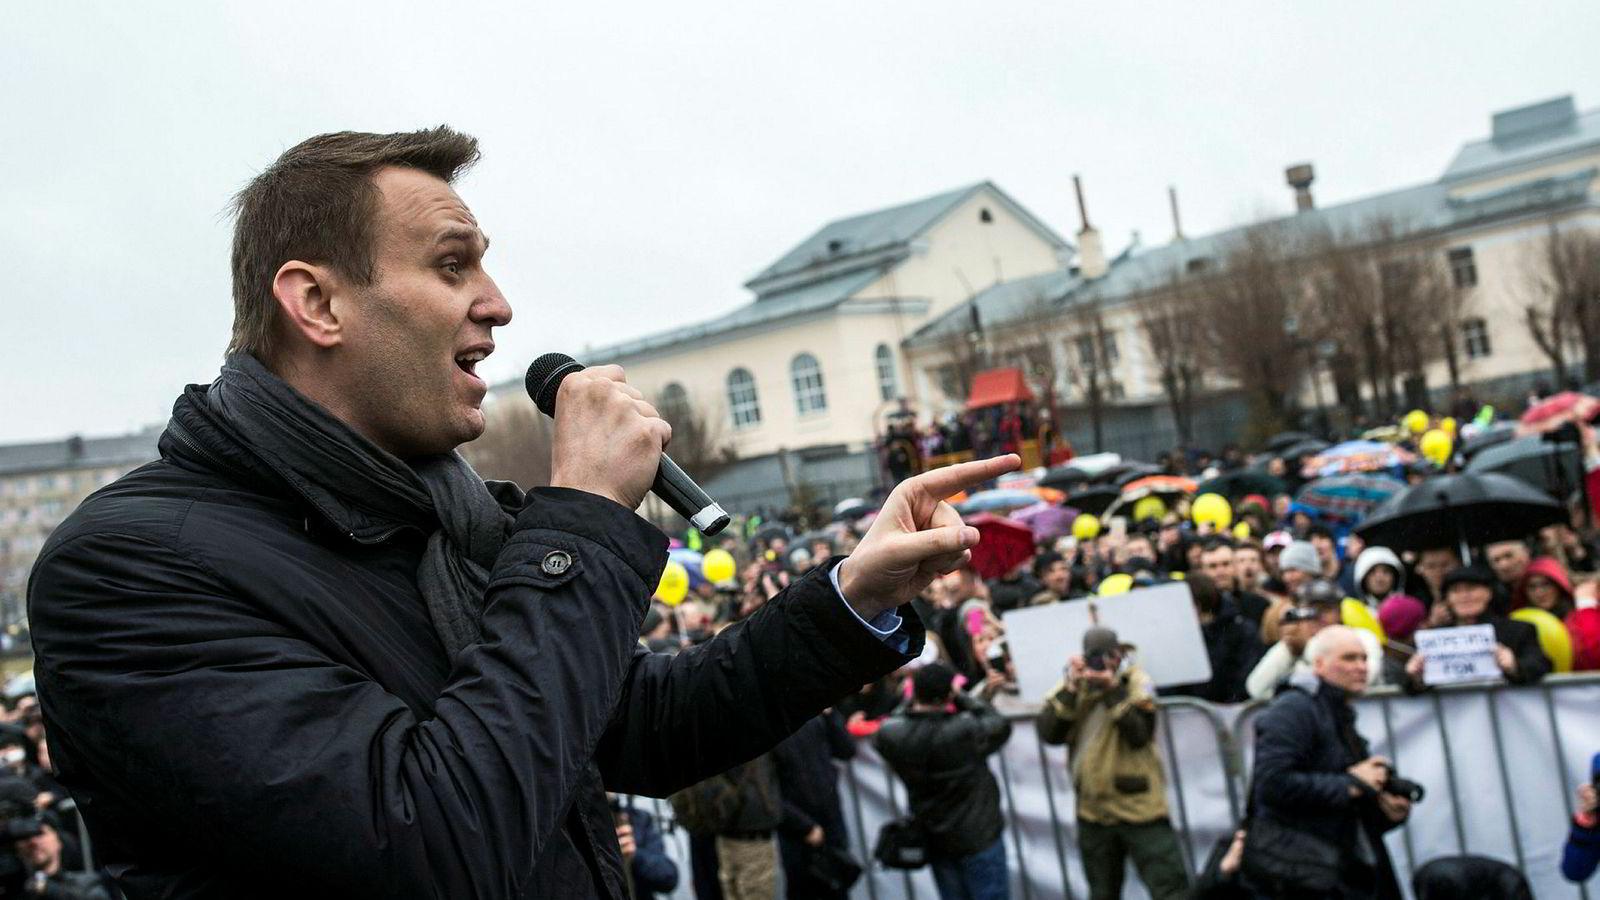 Opposisjonslederen Aleksej Navalnij er sentral i demonstrasjonene som er varslet over hele Russland lørdag. Her fra byen Tsjeljabinsk i Ural tidligere denne måneden.